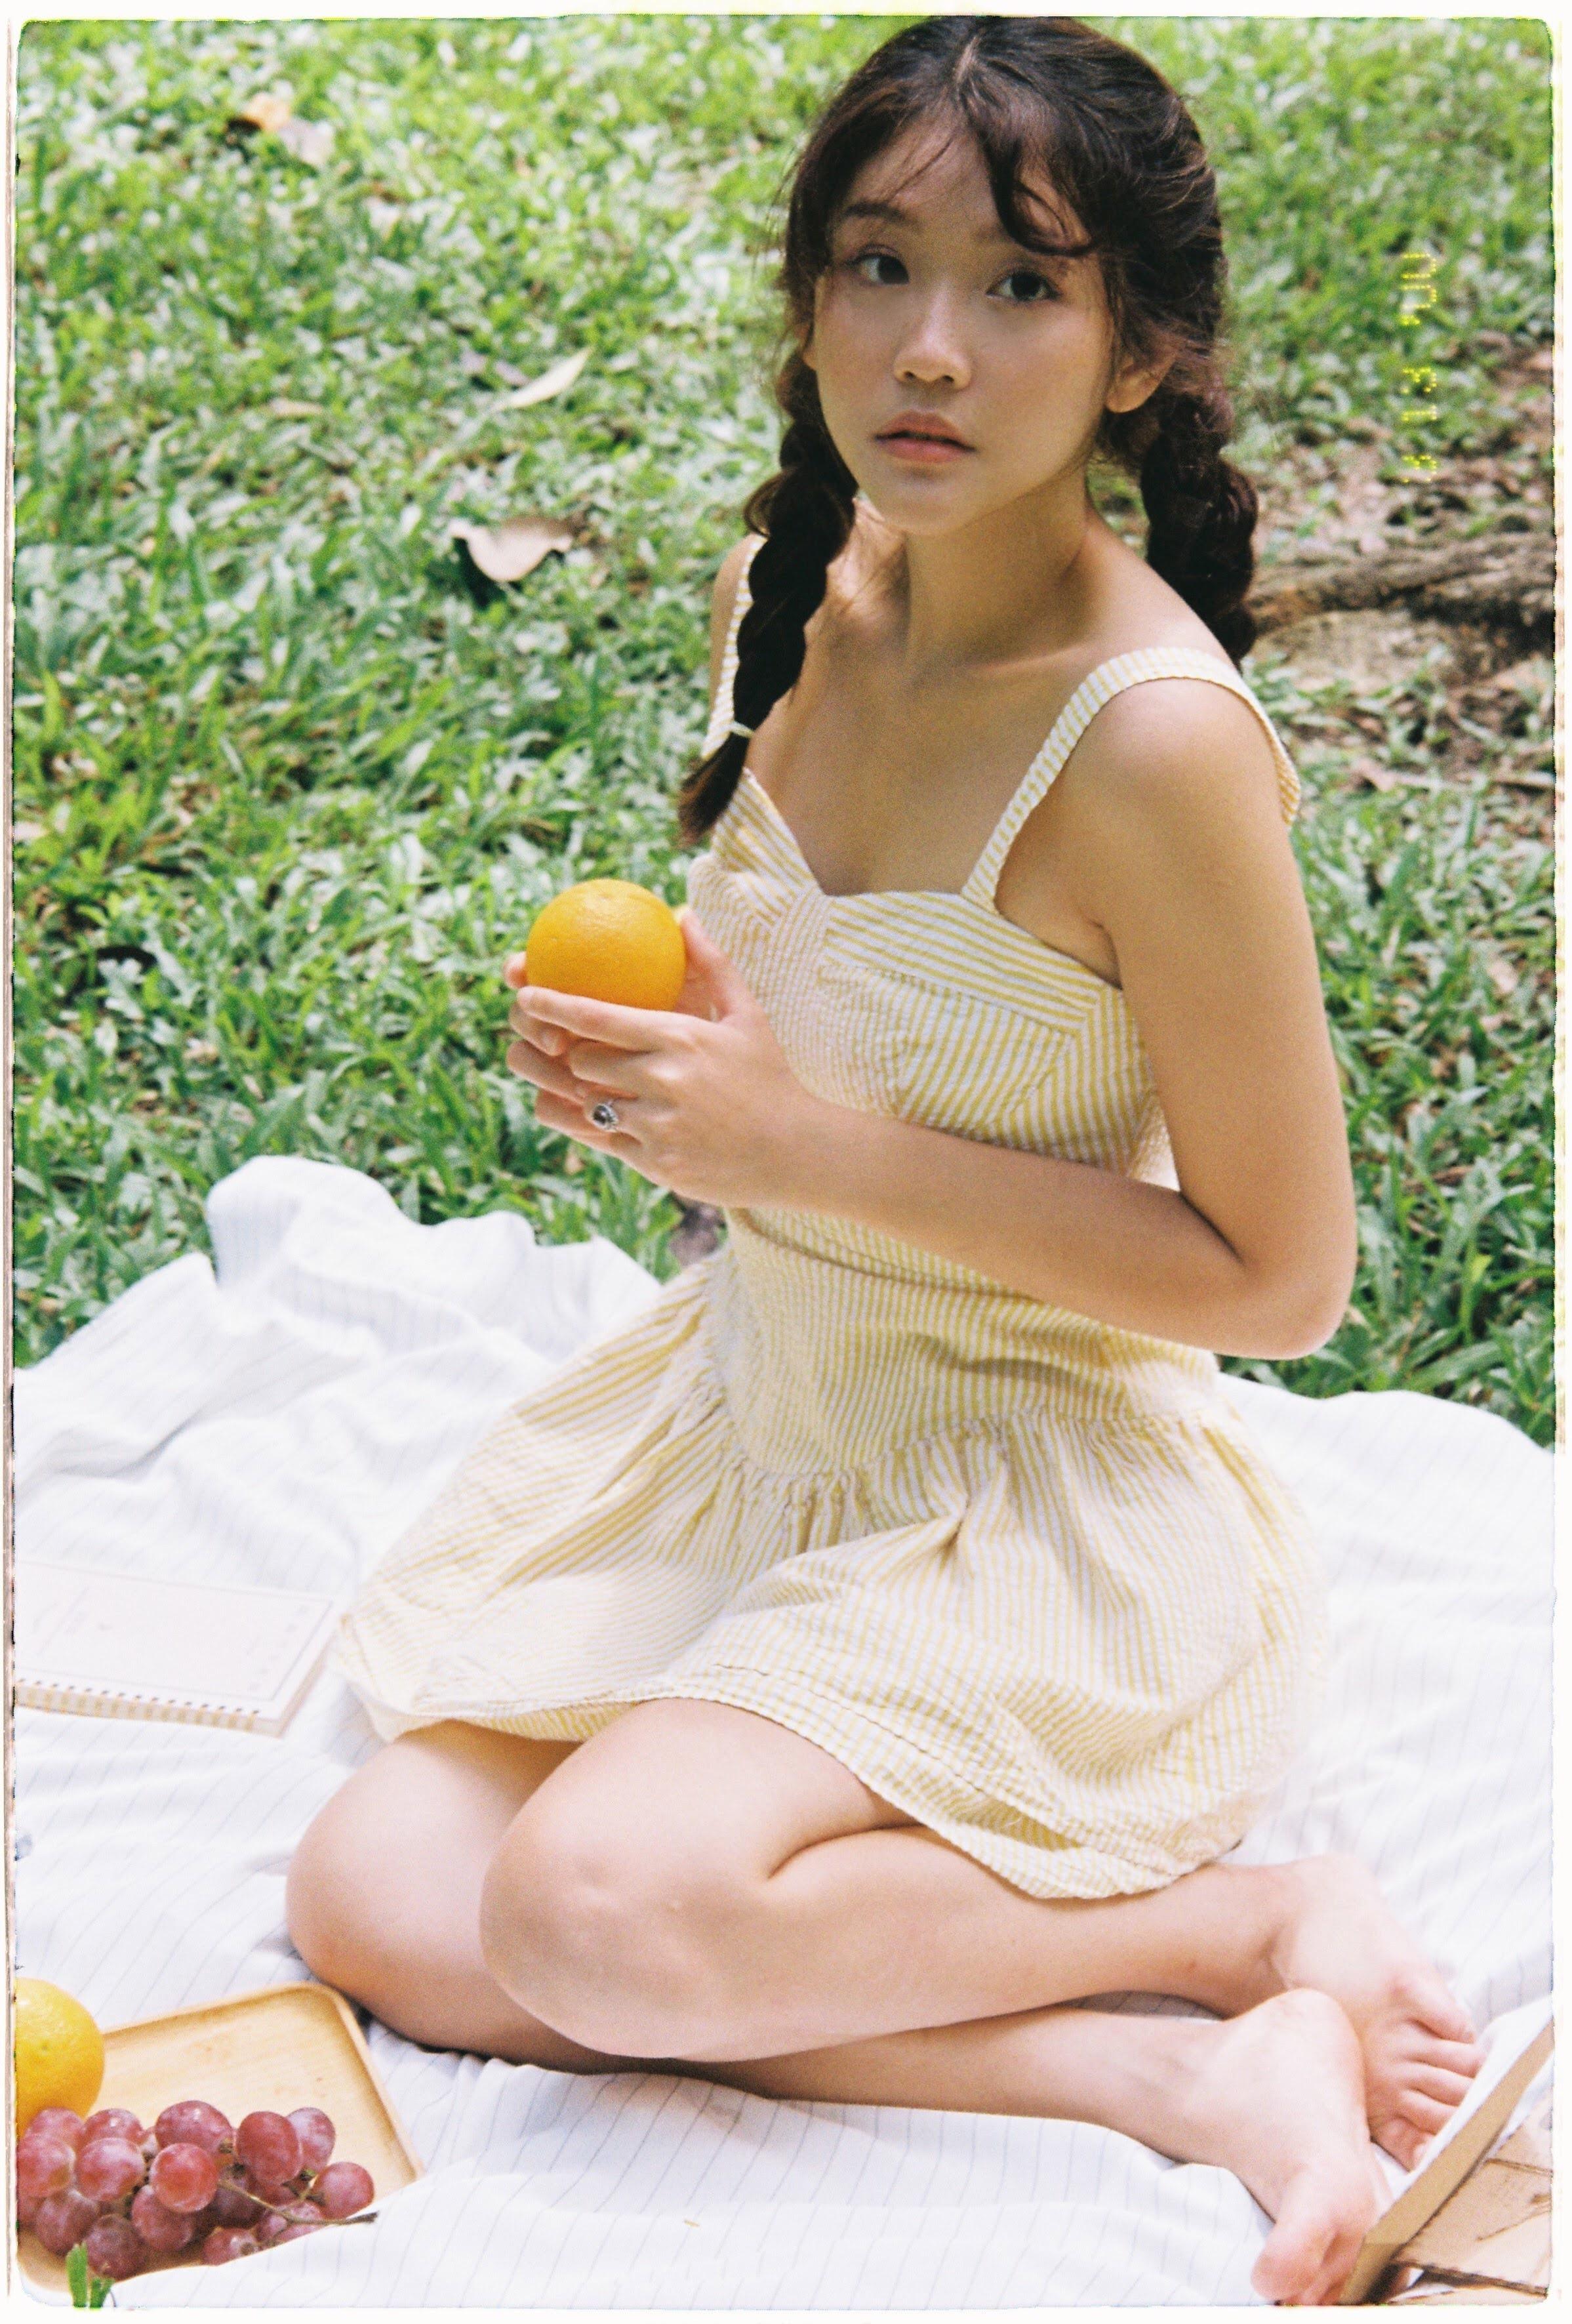 Nữ diễn viên 22 tuổi xuất hiện giữa 7 ngôi sao trong 'Tiệc trăng máu'